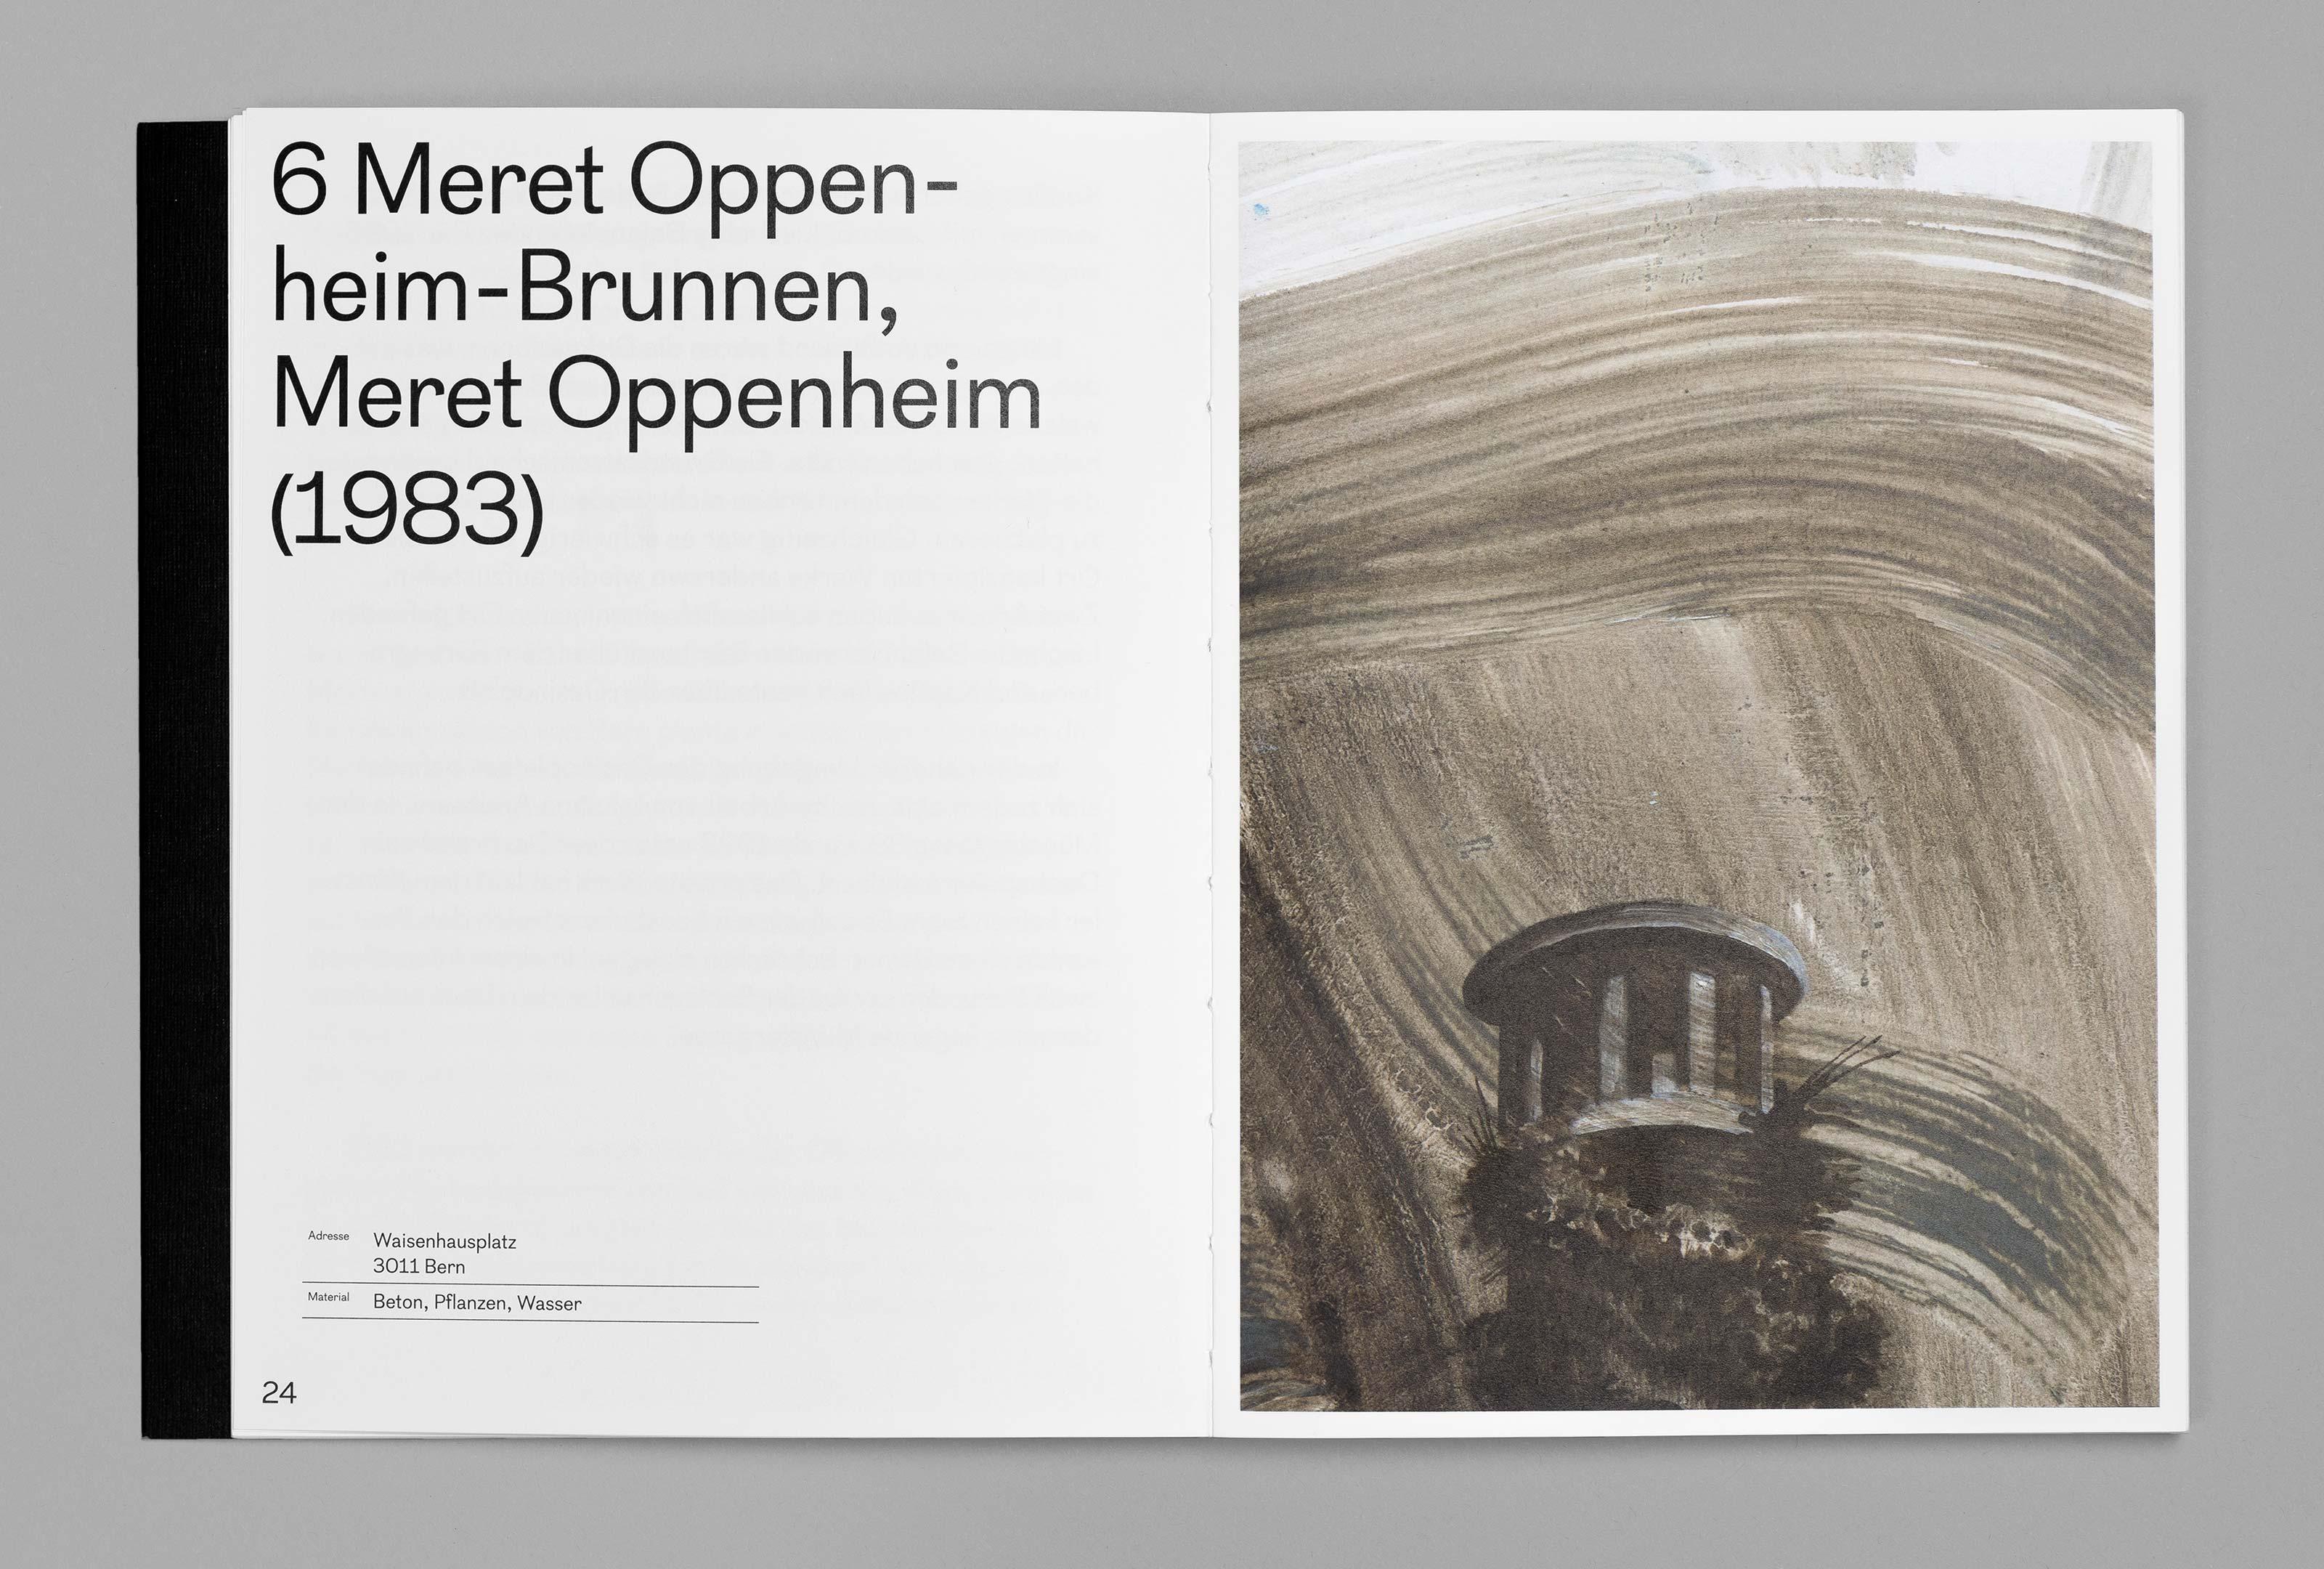 bePArt – Kunst im öffentlichen Raum Bern, spreads 24–25 ©Atelier Pol × Barbara Hess